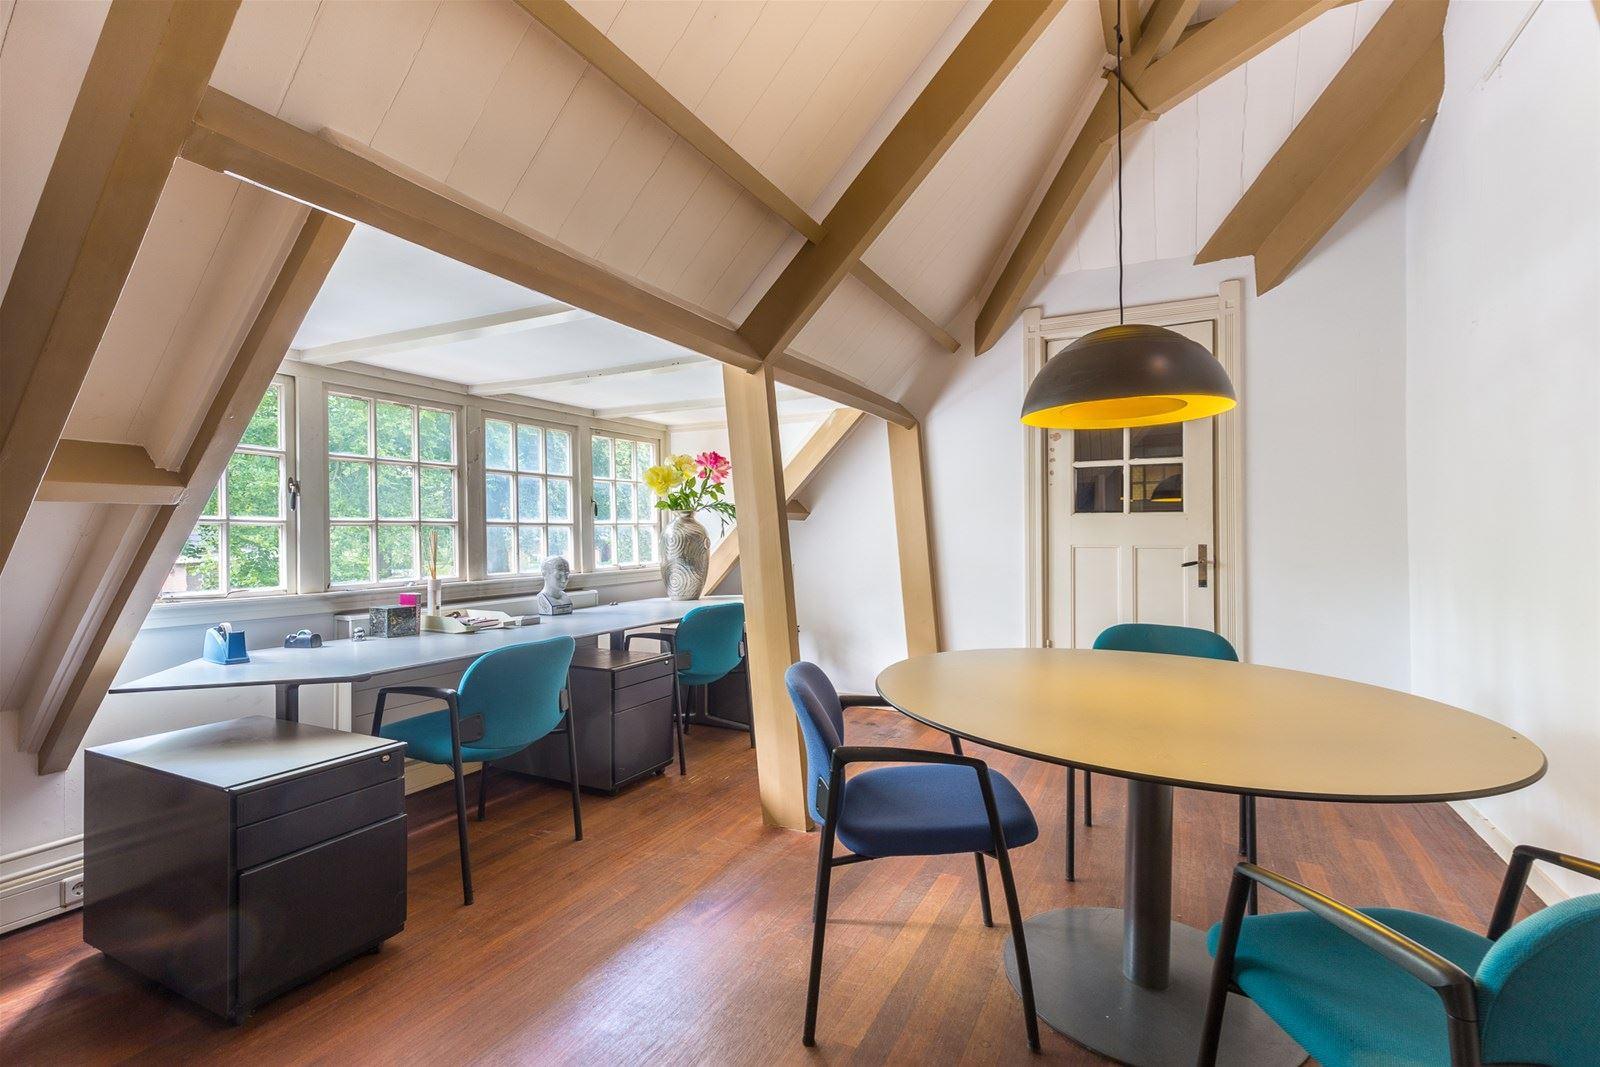 Kantoor bilthoven zoek kantoren te koop en te huur soestdijkseweg noord 329 3723 ha bilthoven - Kantoor deco ...